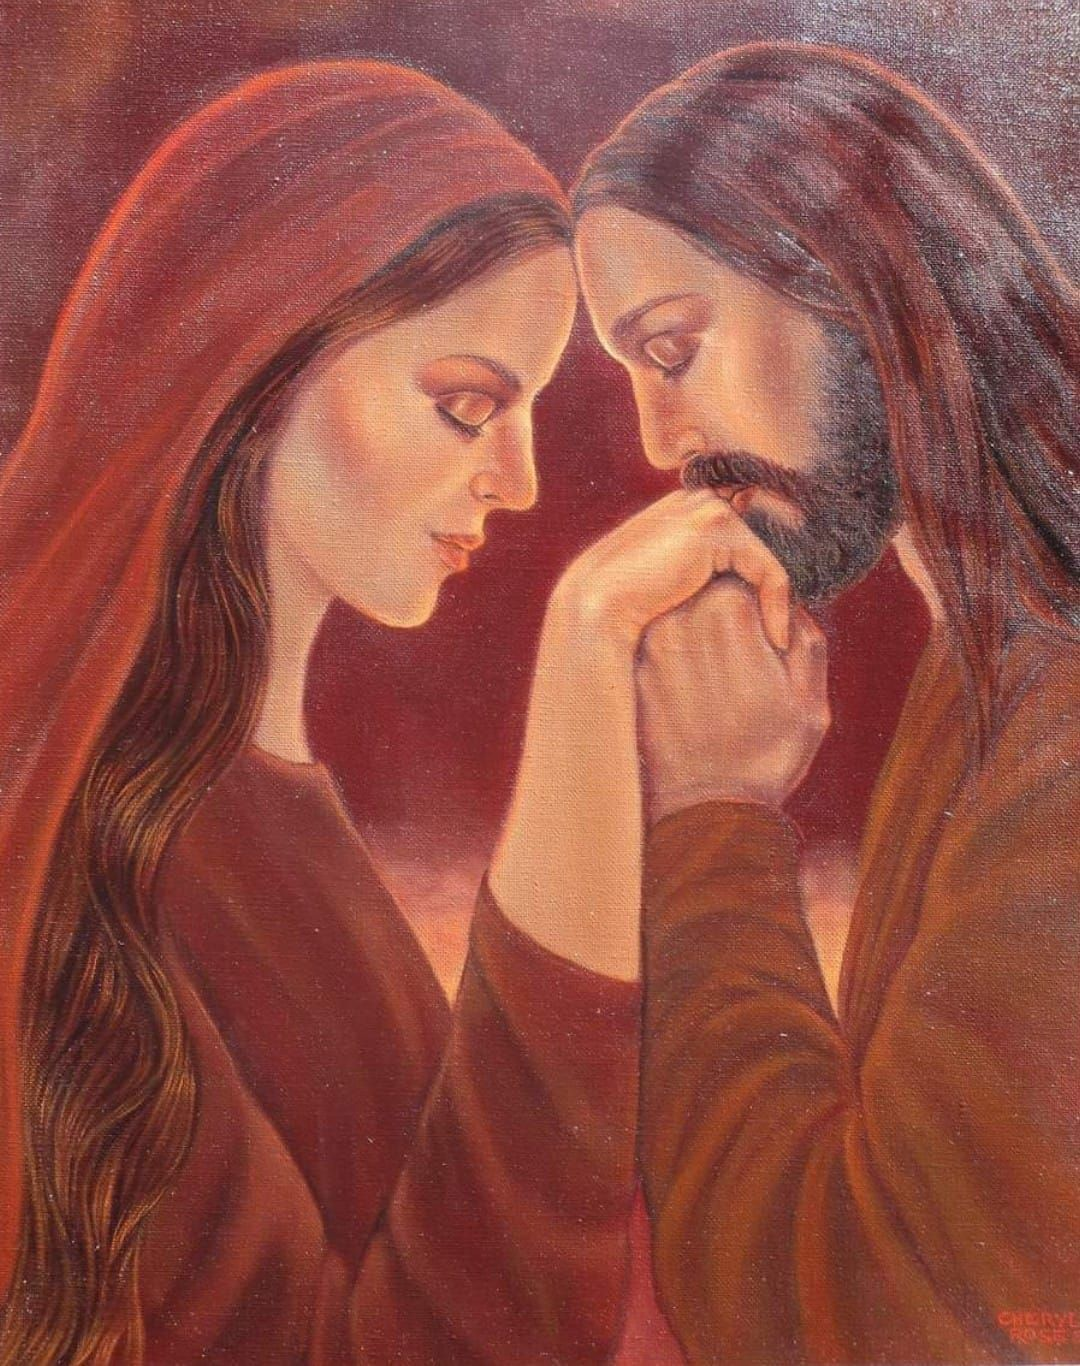 Pin de ॐ☮️☯️ Lucas Lima ☮️☯️ॐ em ❤️☯☮ॐ Amor e outras delicadezas ☯☮ॐ❤️    Jesus e maria, Divindades, Maria madalena